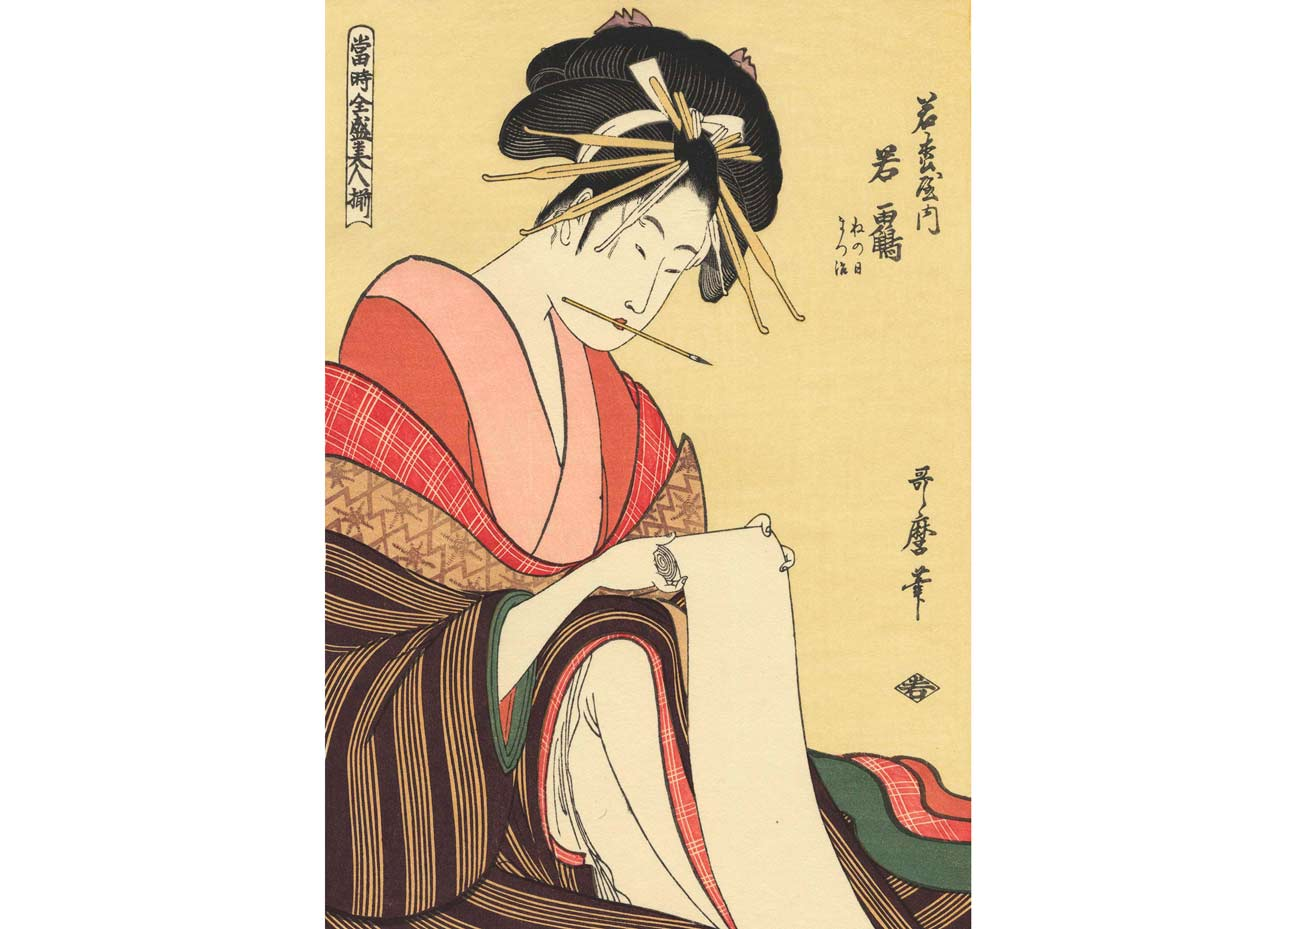 Wakatsuru, Woodblock Print by Kitagawa Utamaro